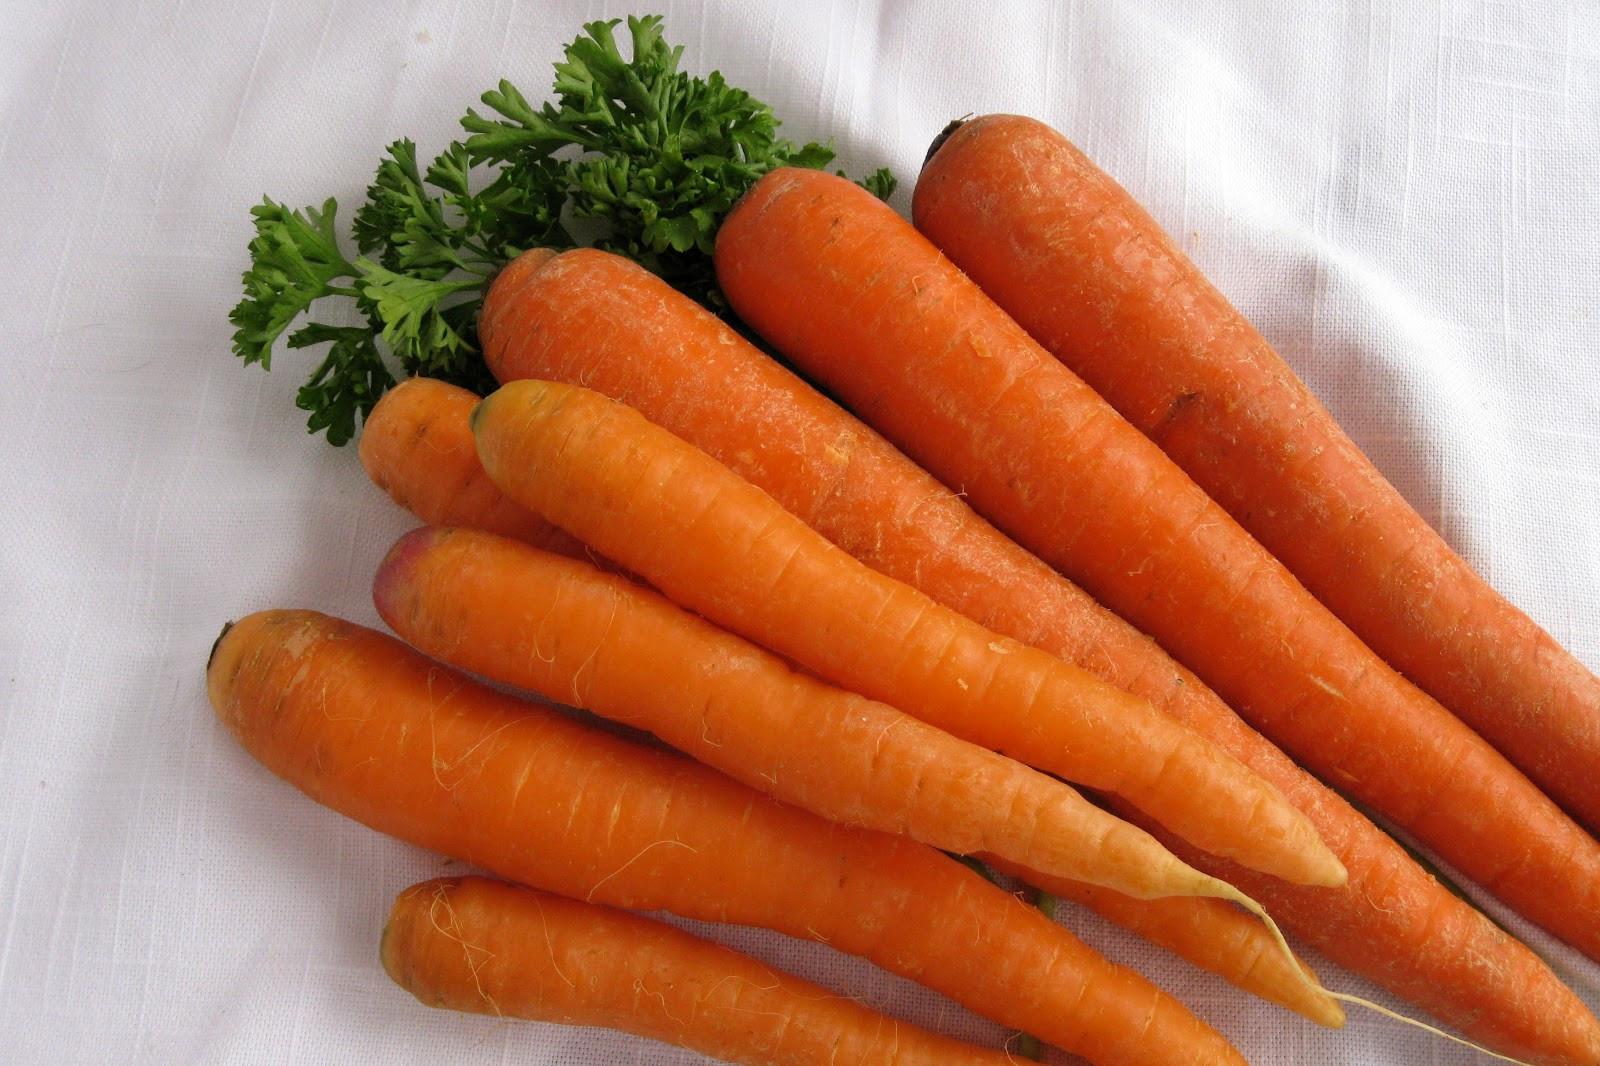 Carrot Fruit Or Vegetable  Swetha s Indian Ve arian Cuisine ORRANGE CARROT JUICE